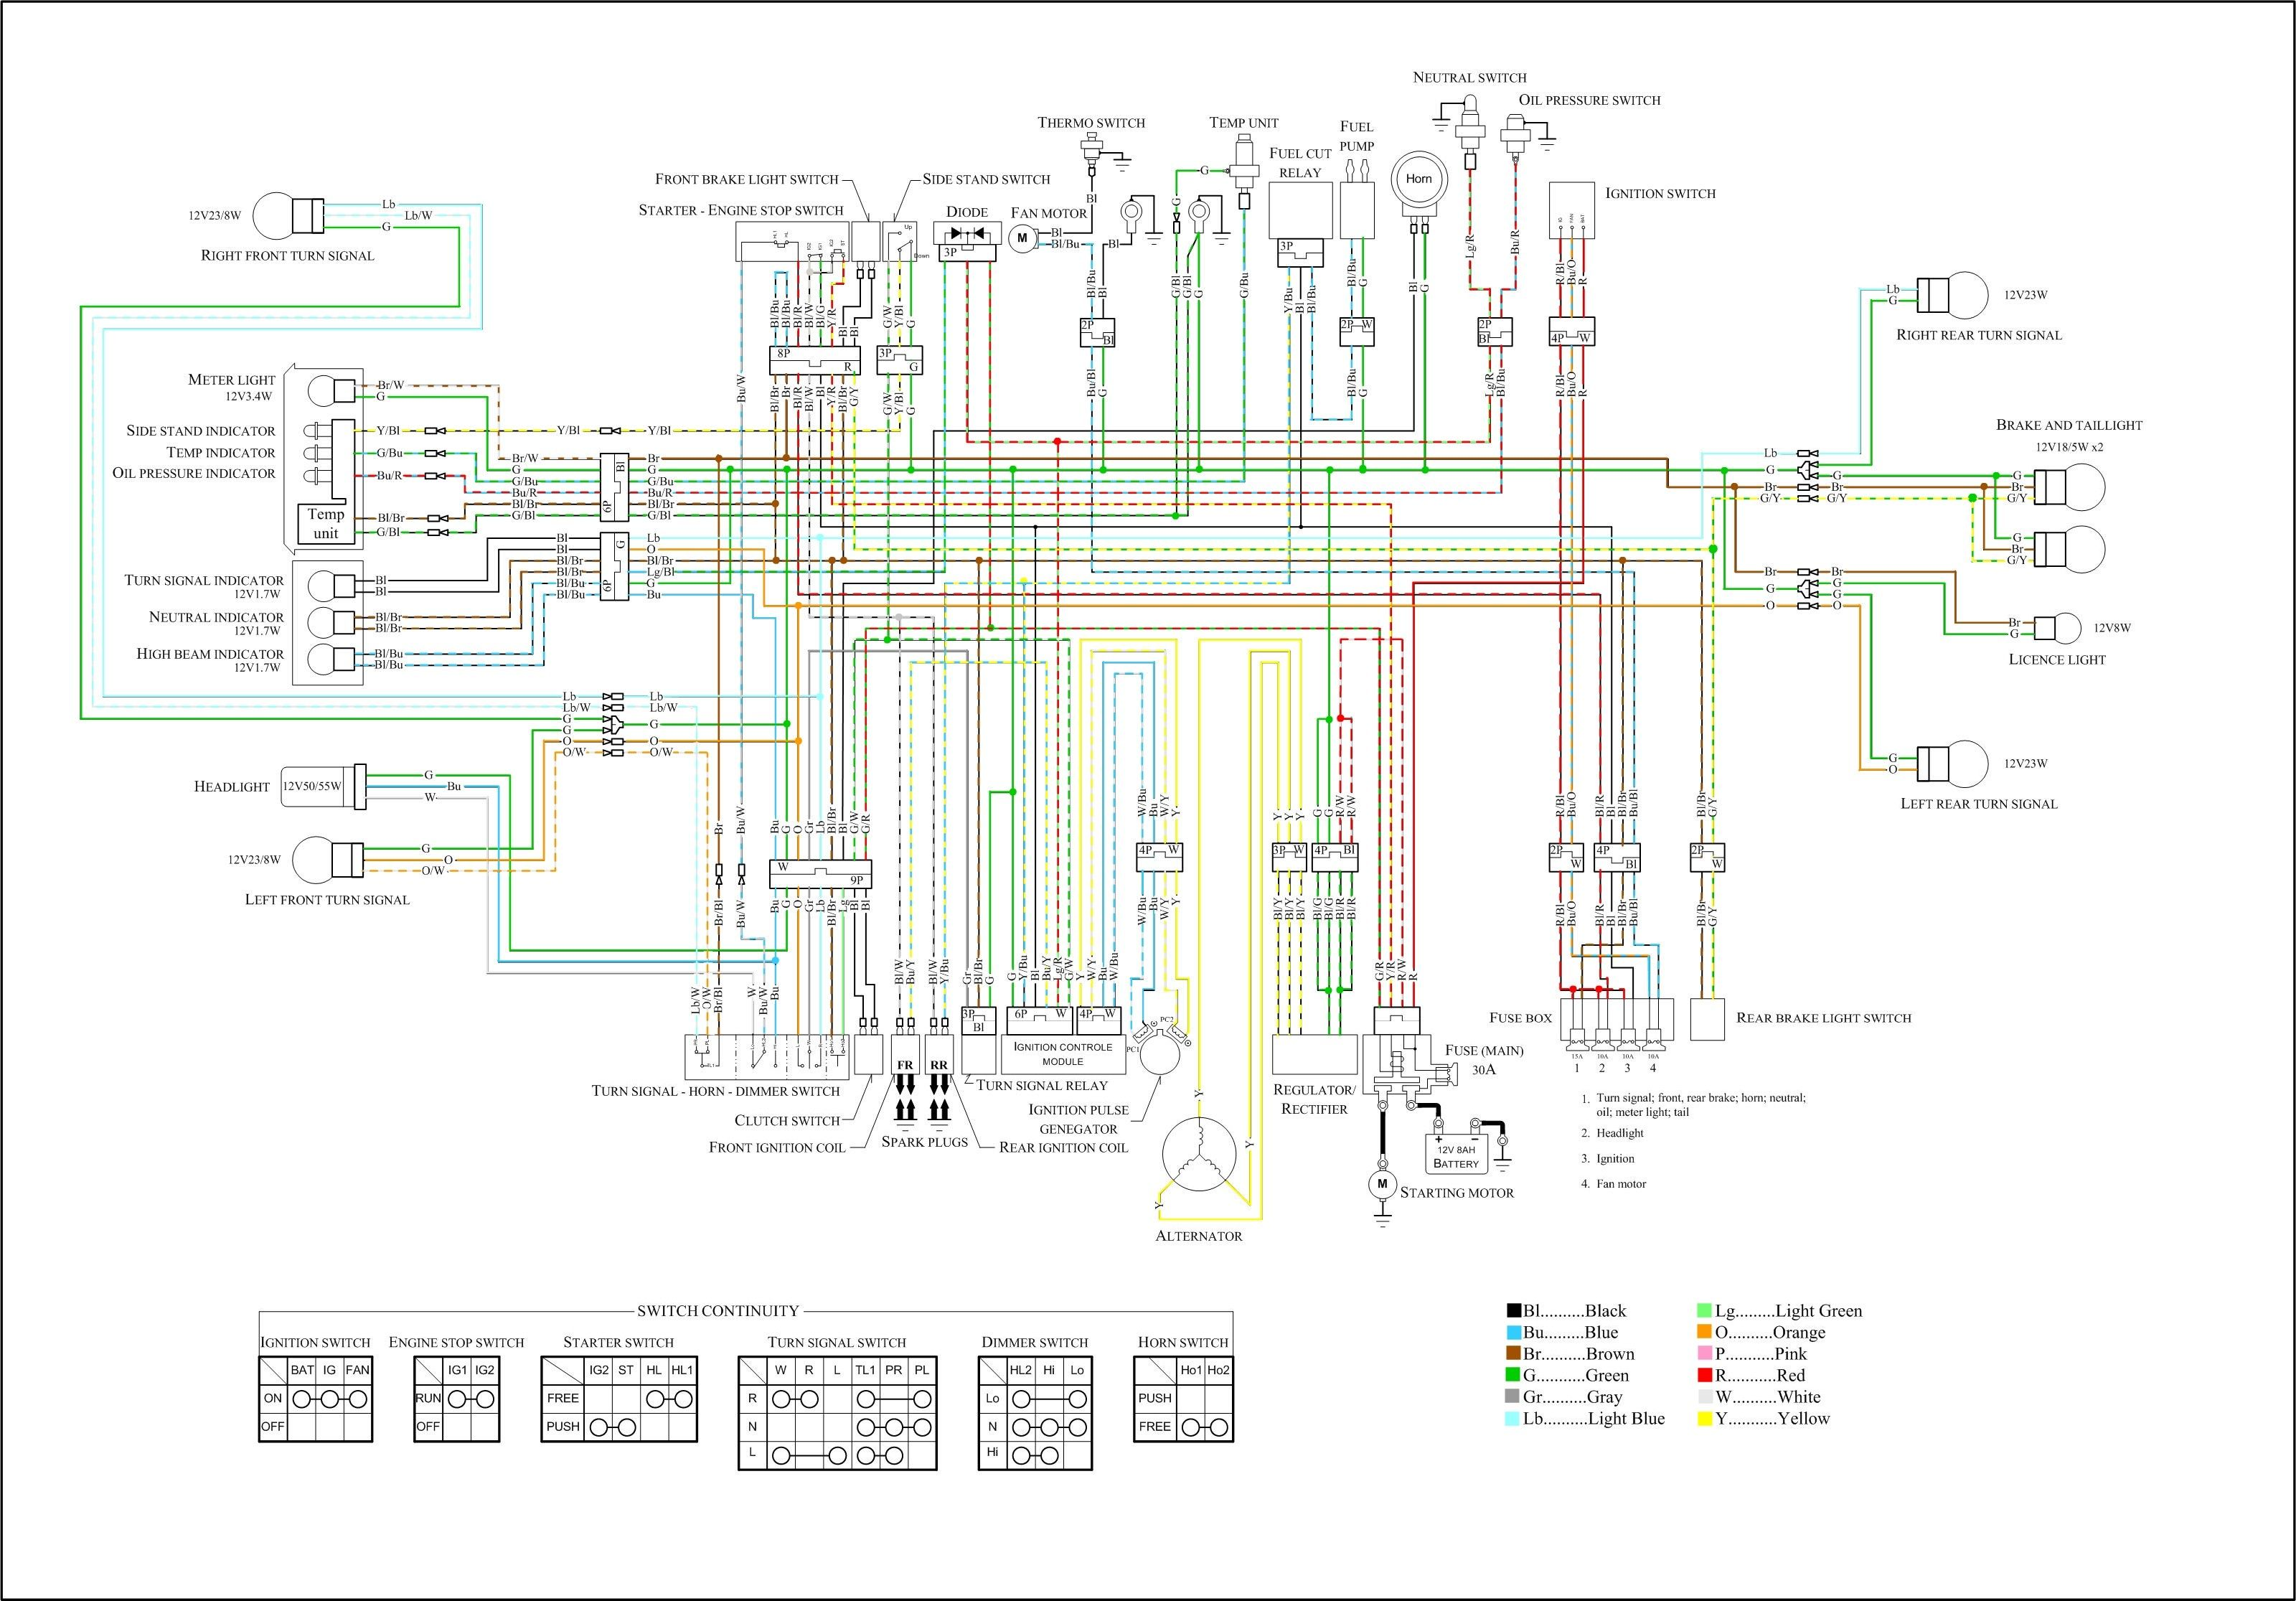 Diagrams Digramssample Diagramimages Wiringdiagramsample